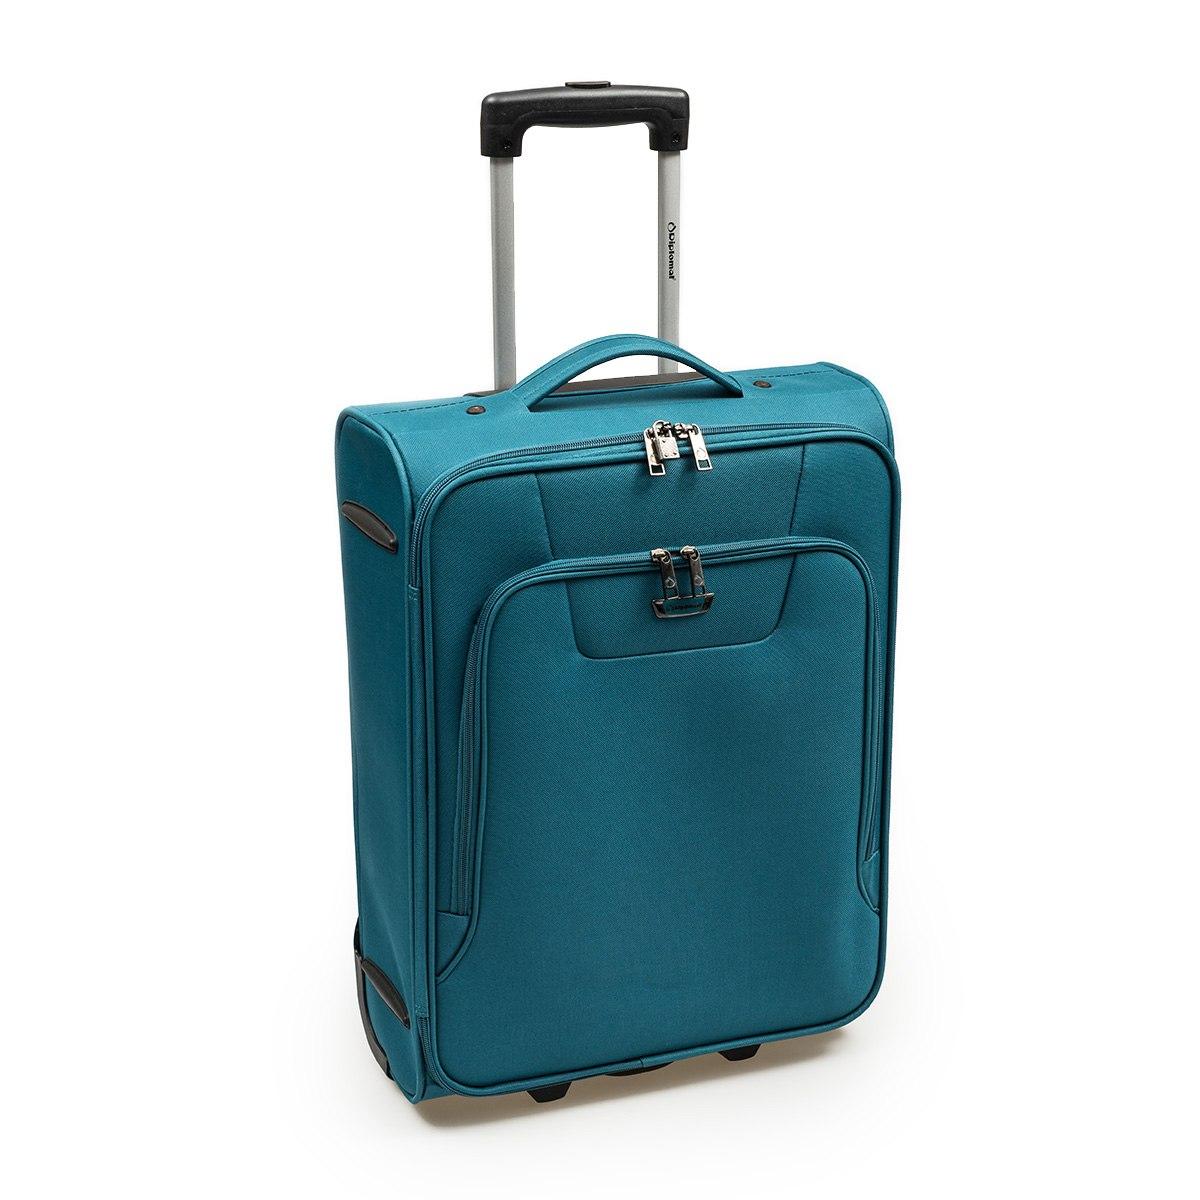 Βαλίτσα Καμπίνας Diplomat ZC980-55cm Πετρόλ